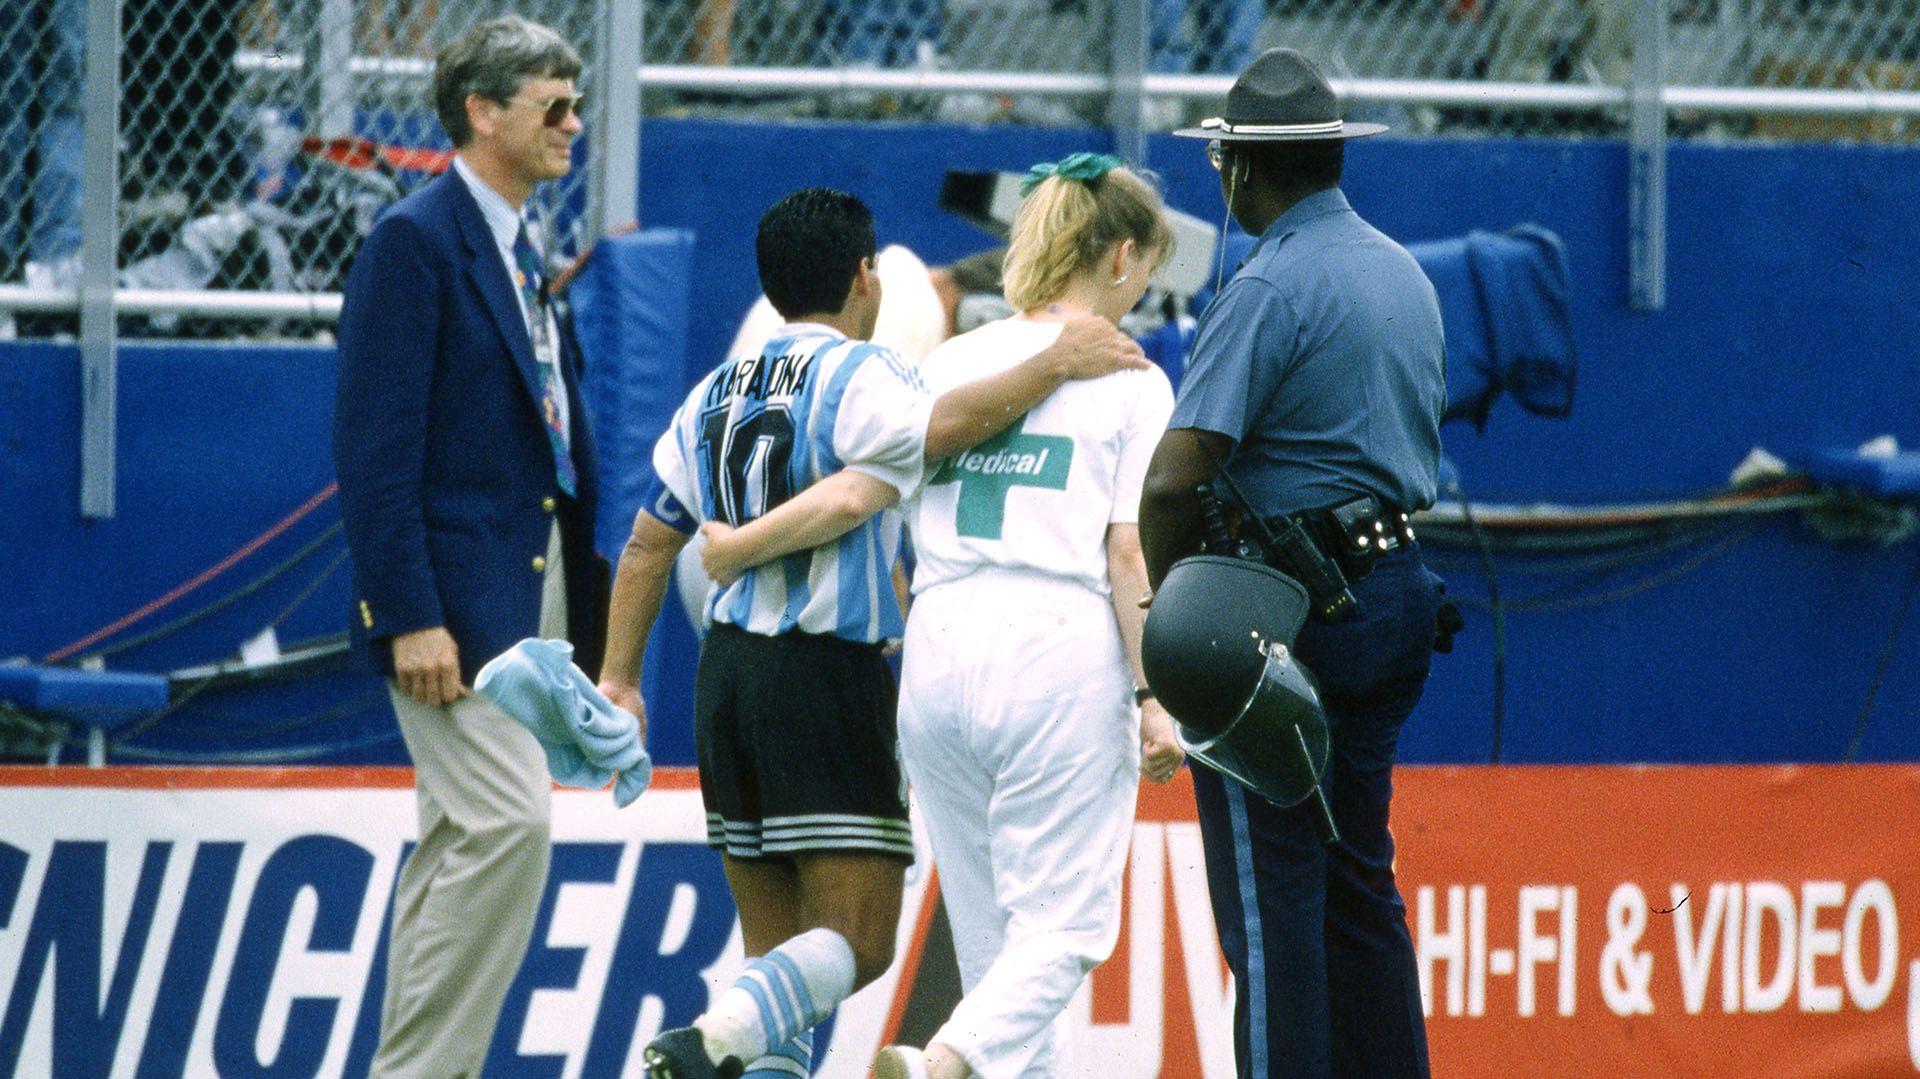 La imagen que se convirtió en un ícono, previa a la confirmación del doping en el Mundial de Estados Unidos 1994 (Grosby)